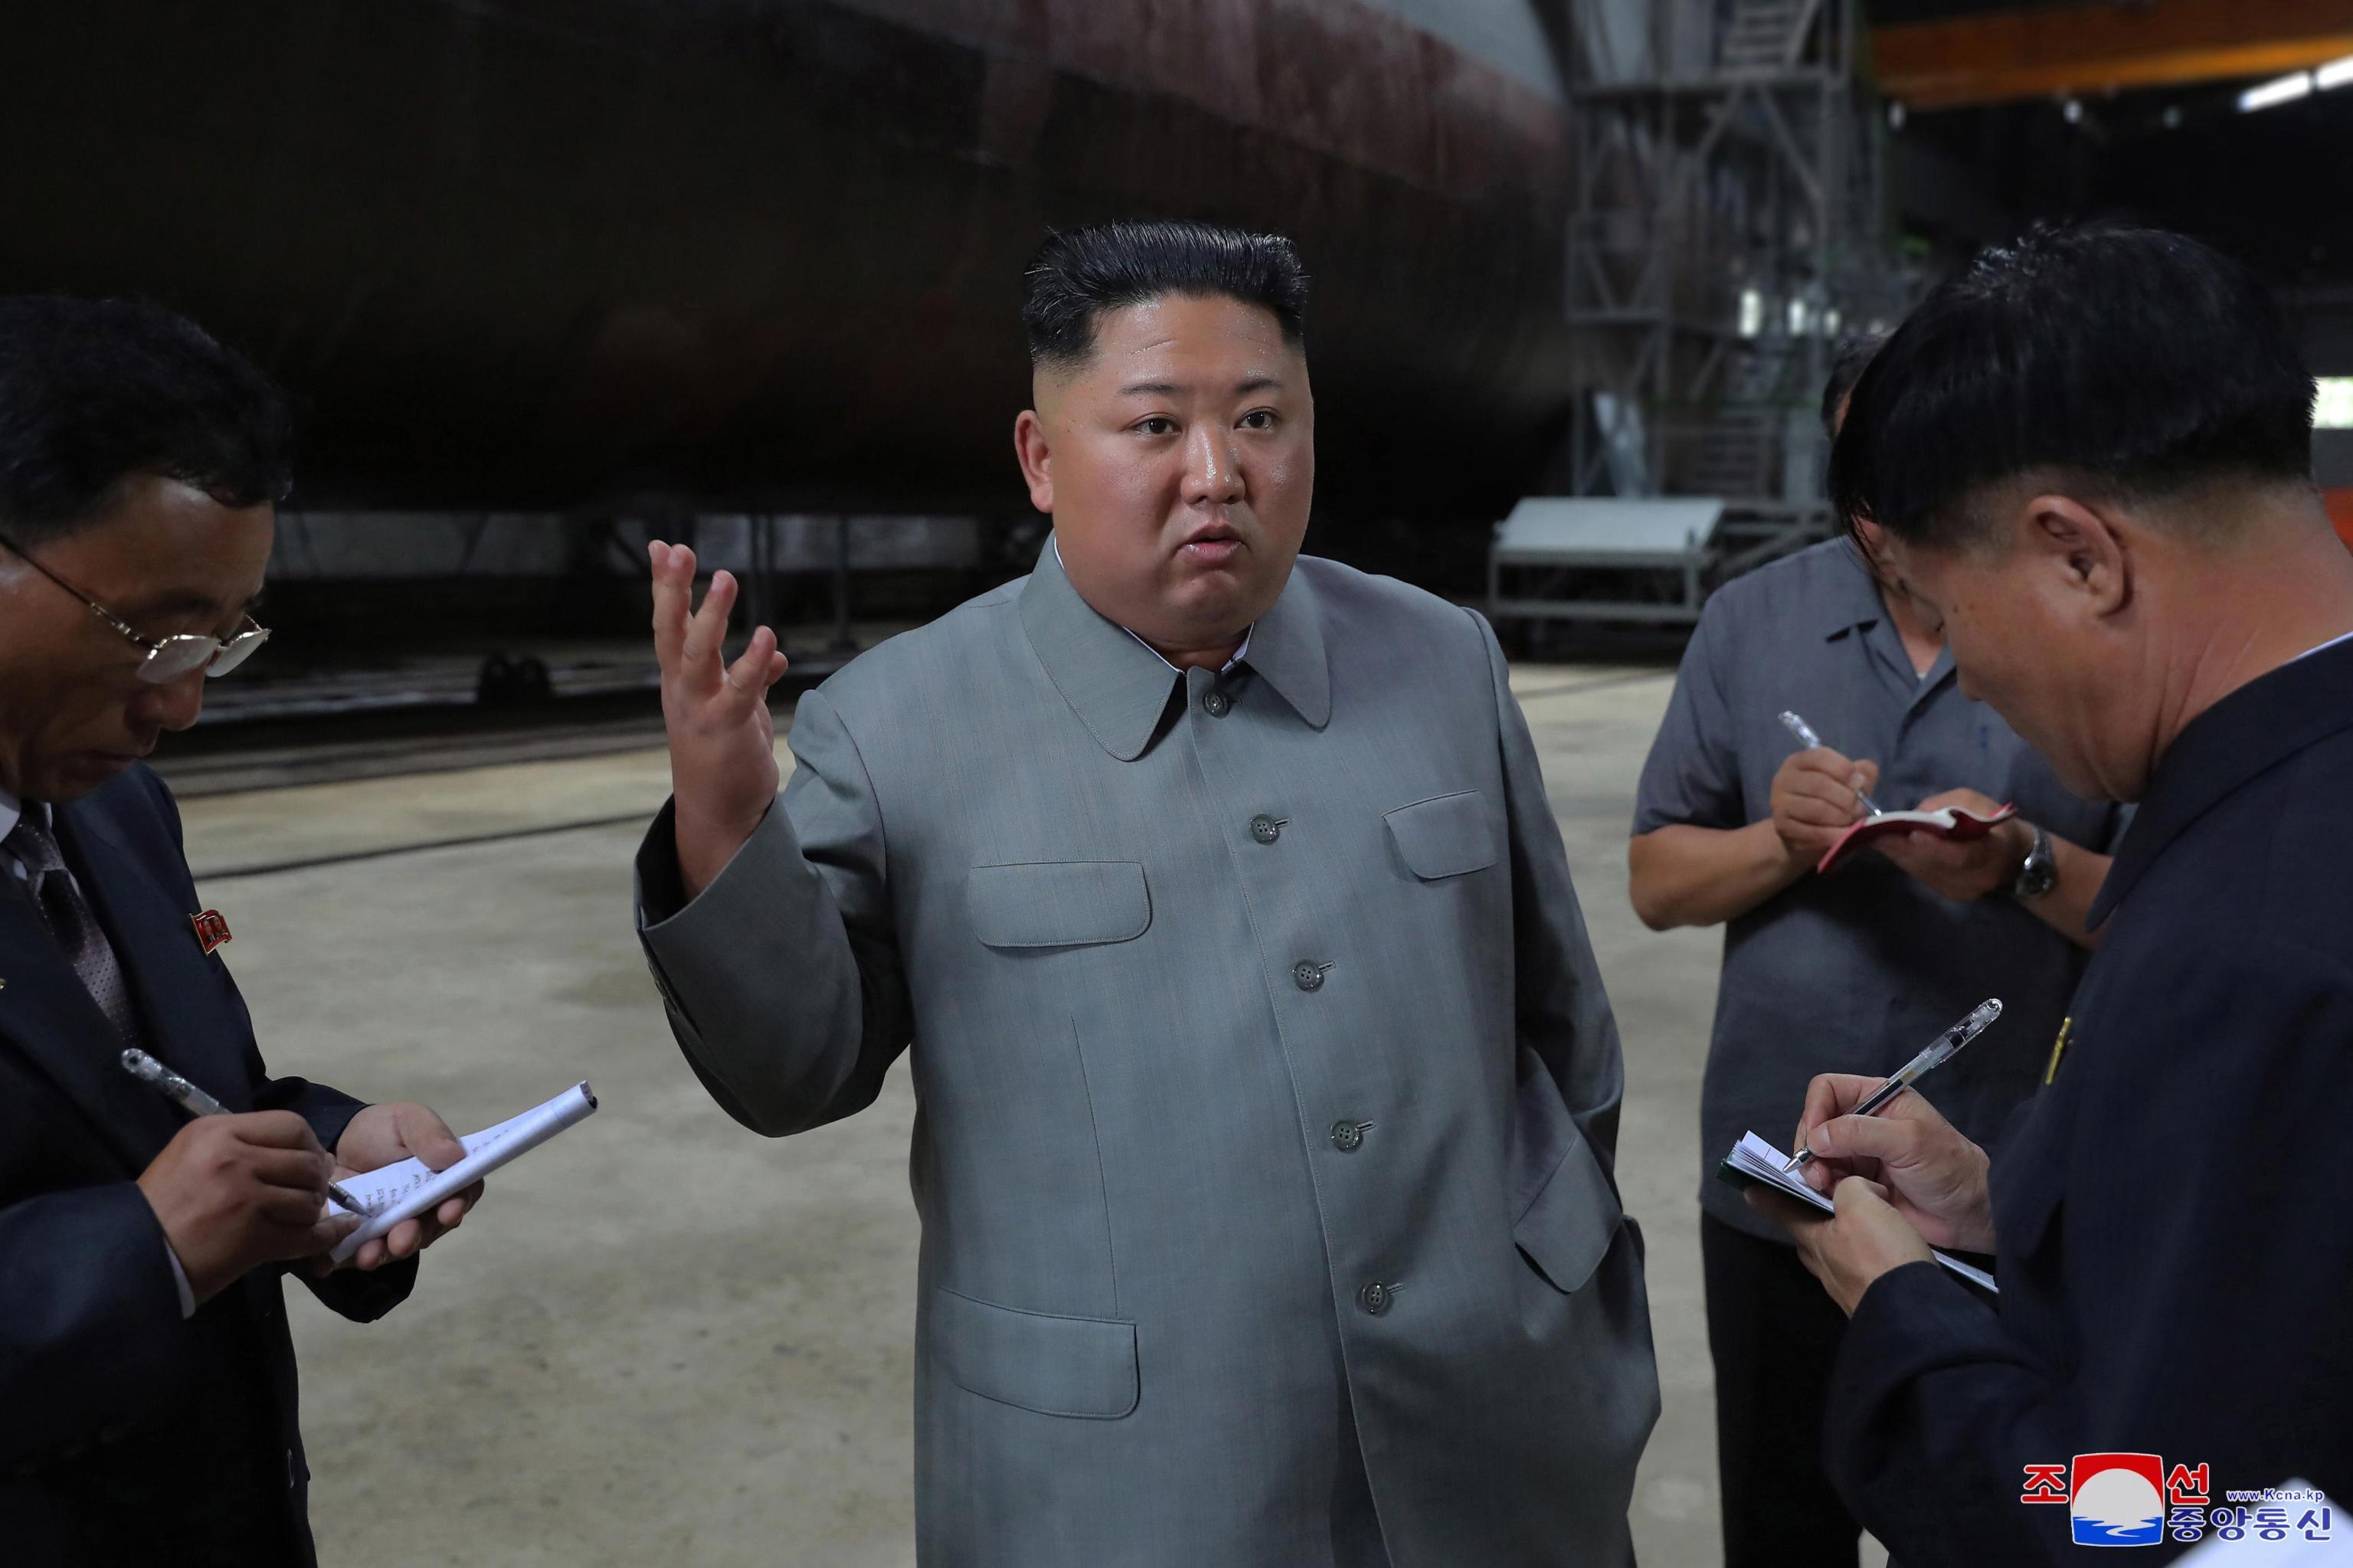 Davvero i missili della Corea del Nord possono colpire gli Usa?